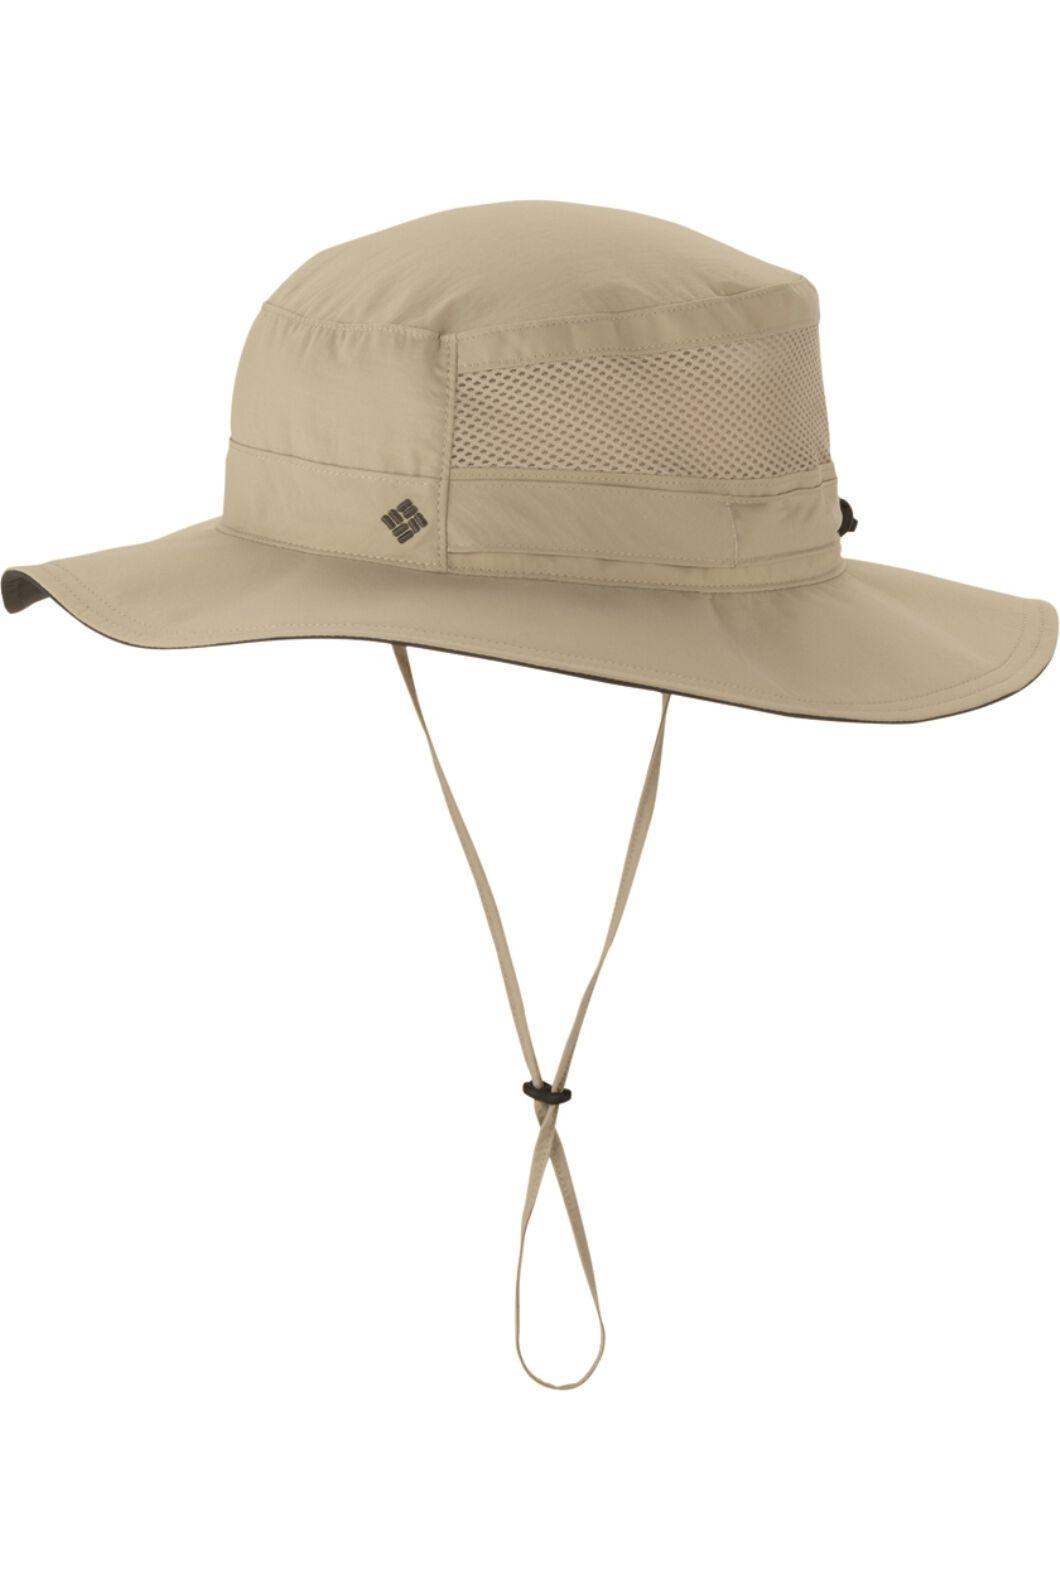 Columbia Men's Bora Bora II Hat One Size Fits Most, Fossil, hi-res